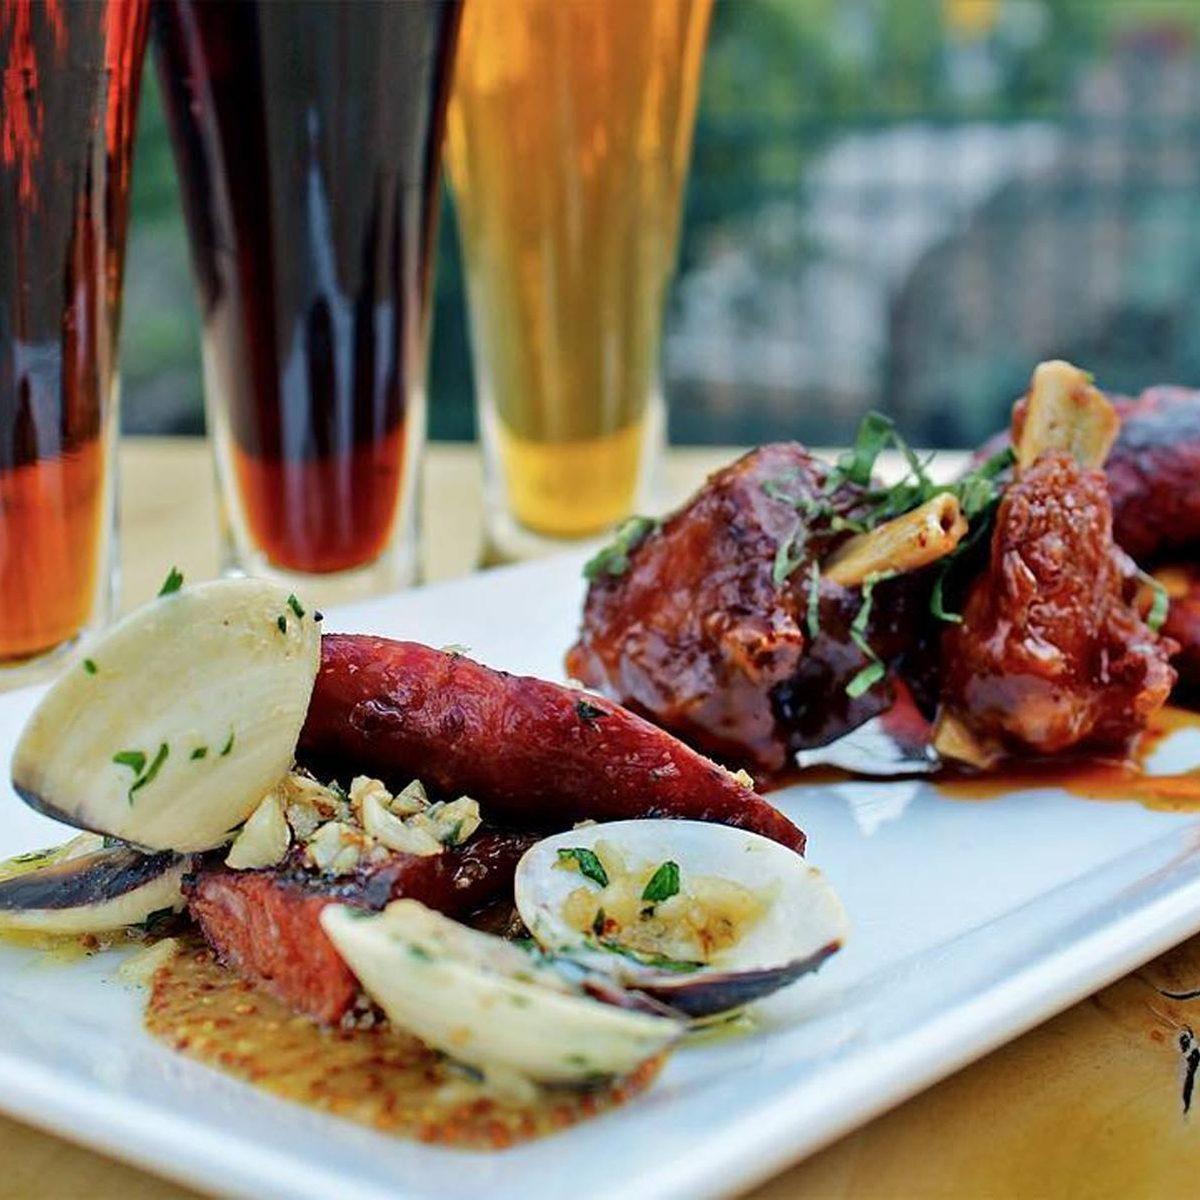 Ribs, clams and beer at Sockeye